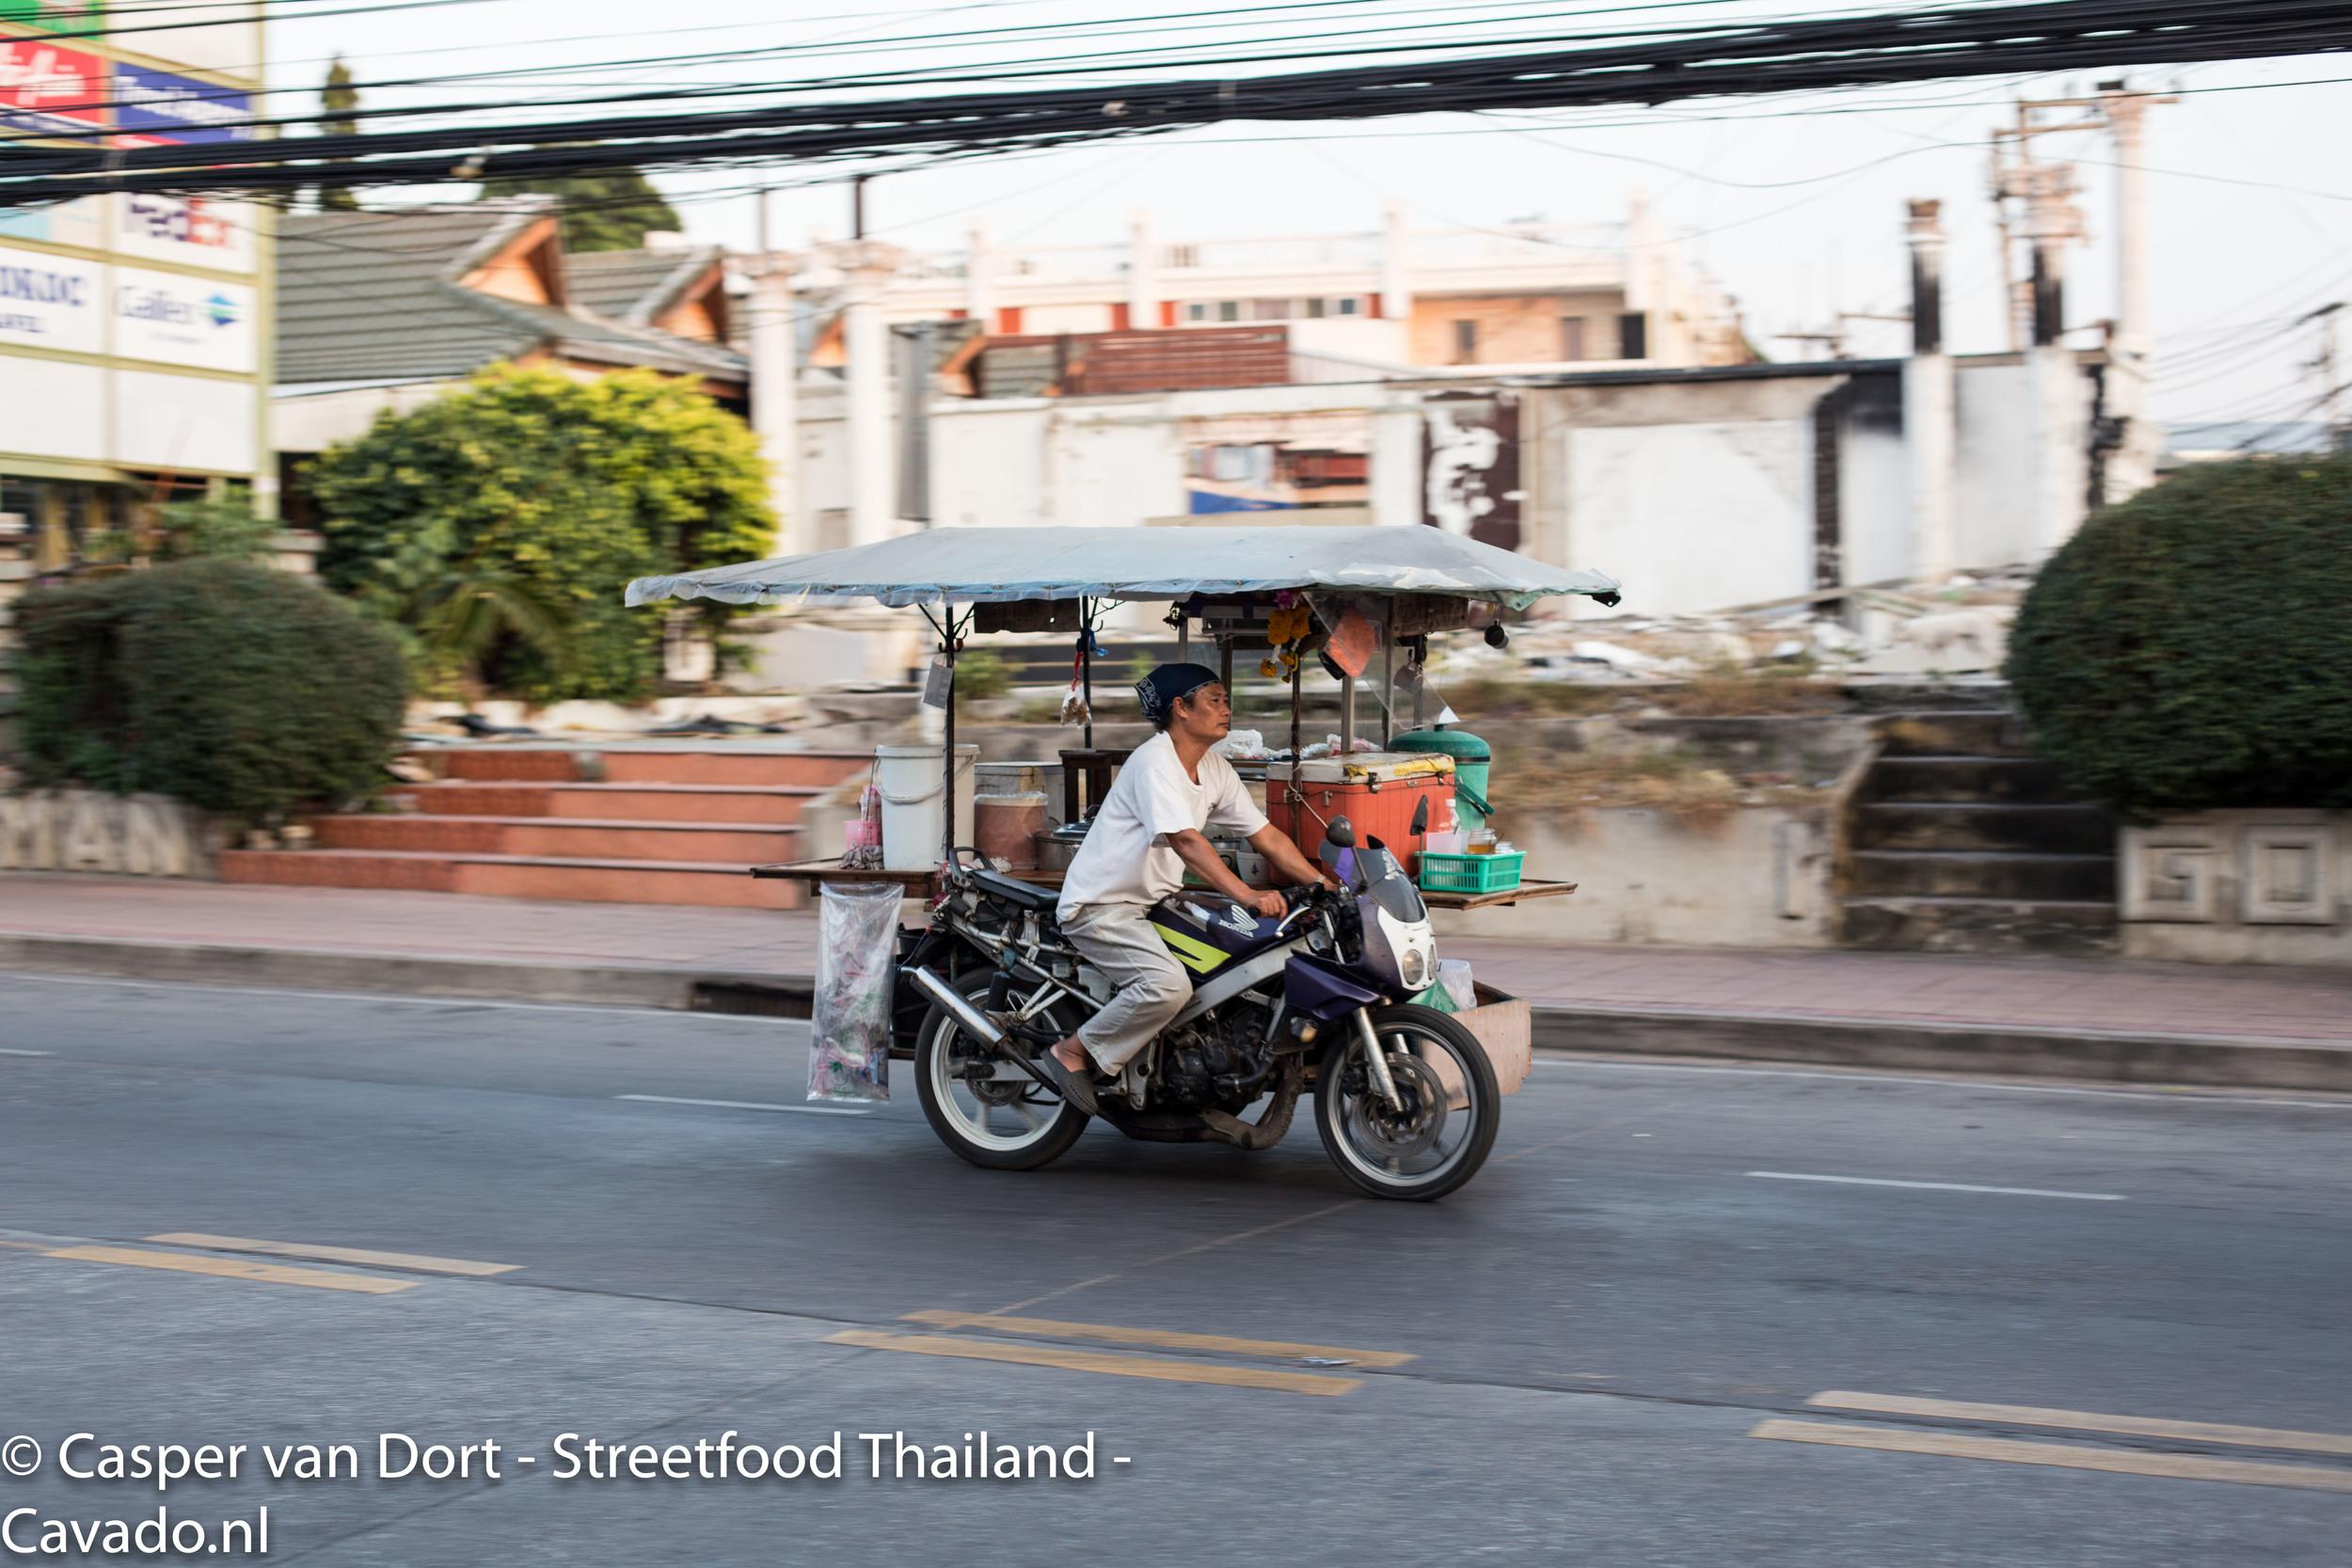 Thailand Streetfood-41.jpg